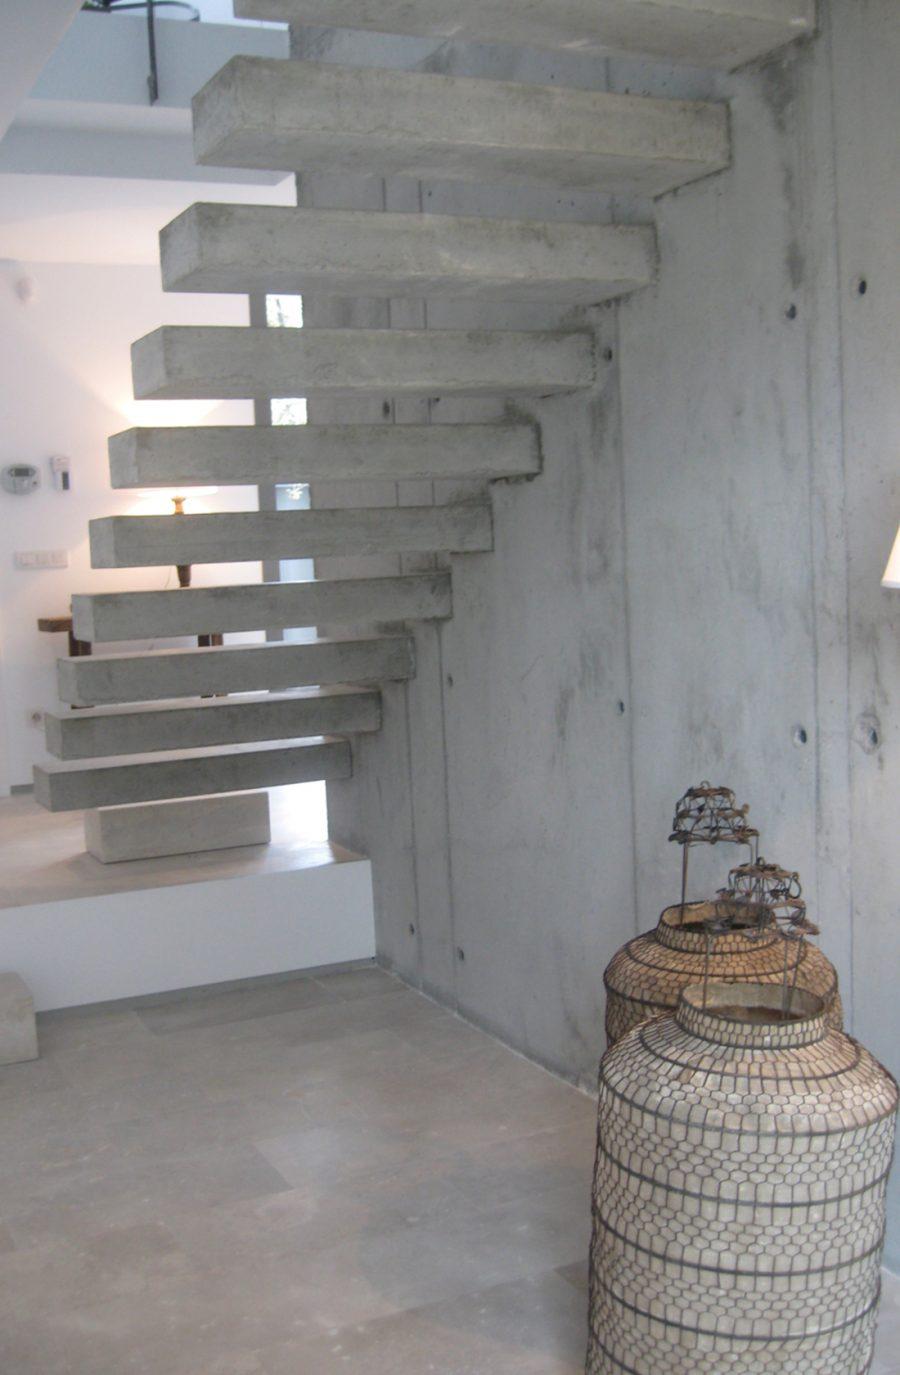 Casa mar de encinas escalera 2